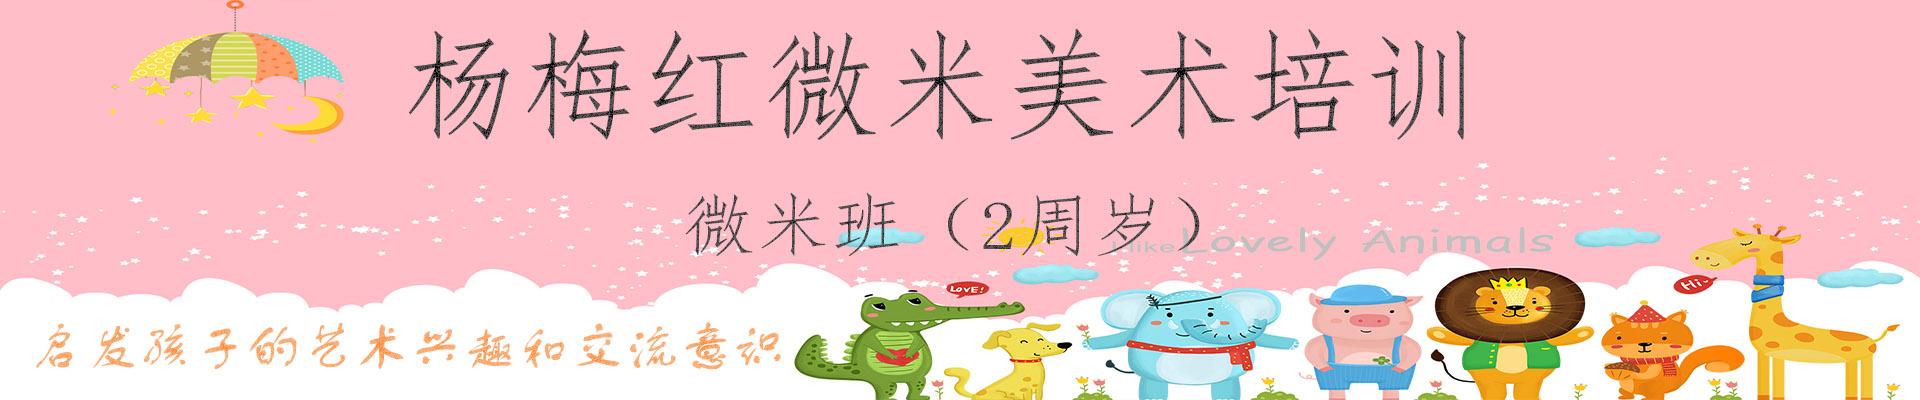 烟台芝罘万达杨梅红国际私立美校